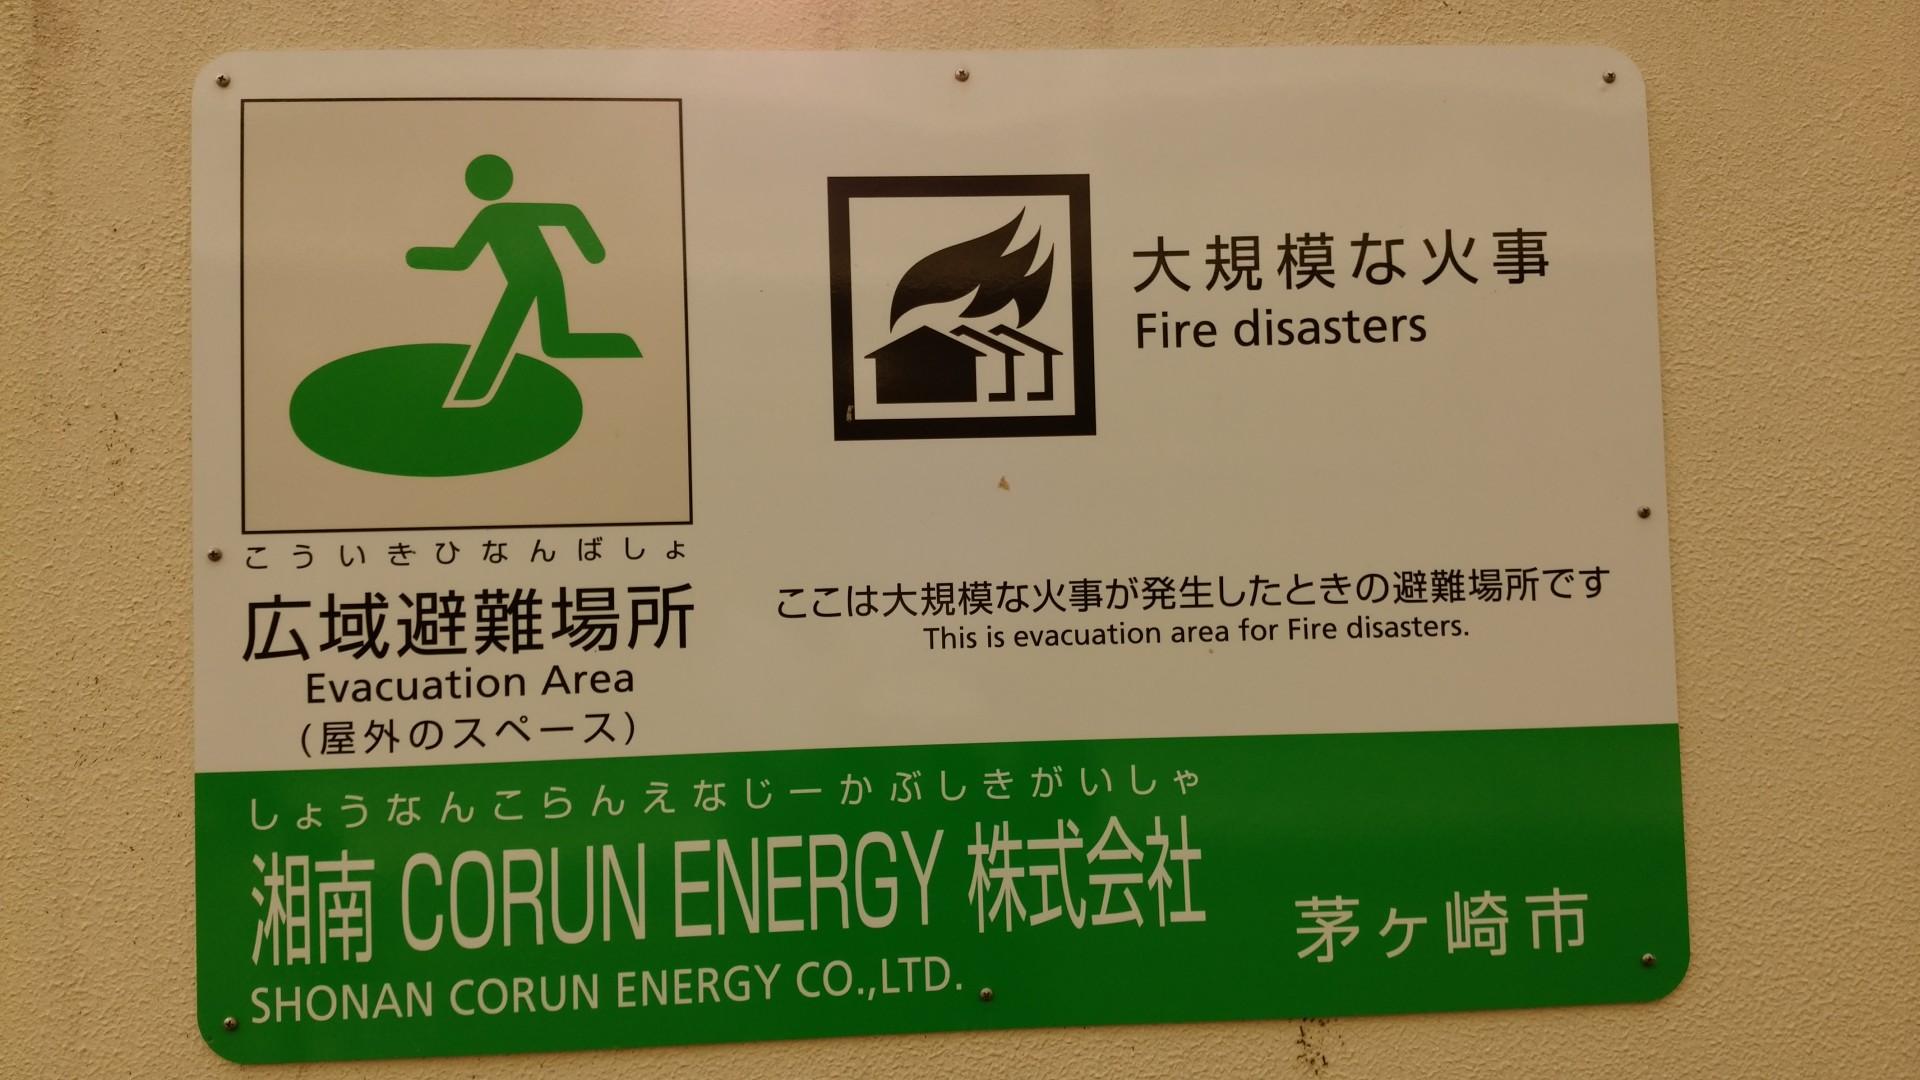 湘南 CORUN ENERGY 株式会社